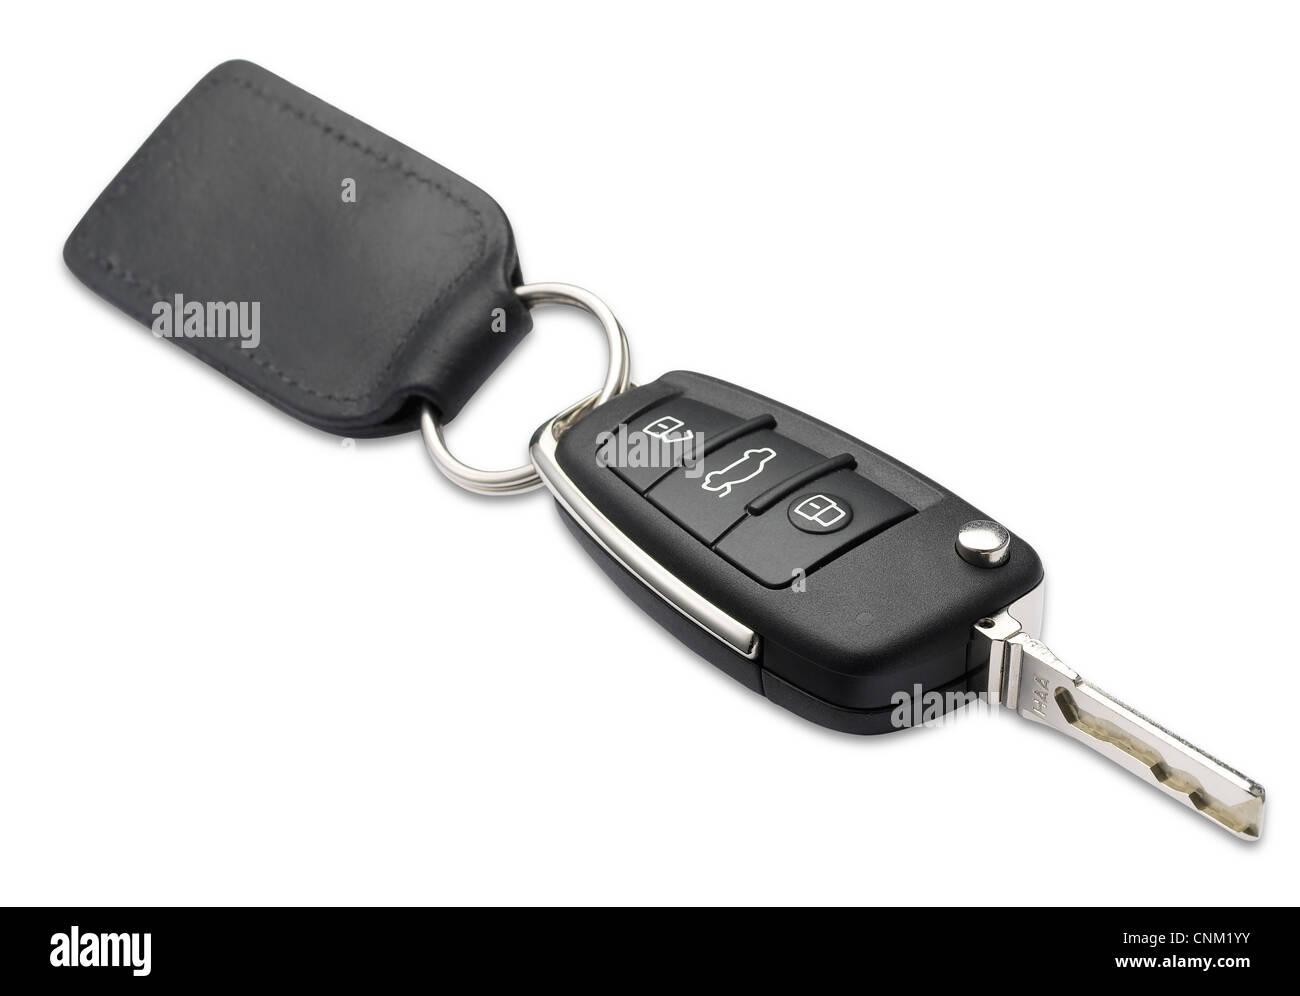 Une clé de voiture et d'une profondeur de champ on white with clipping path Banque D'Images